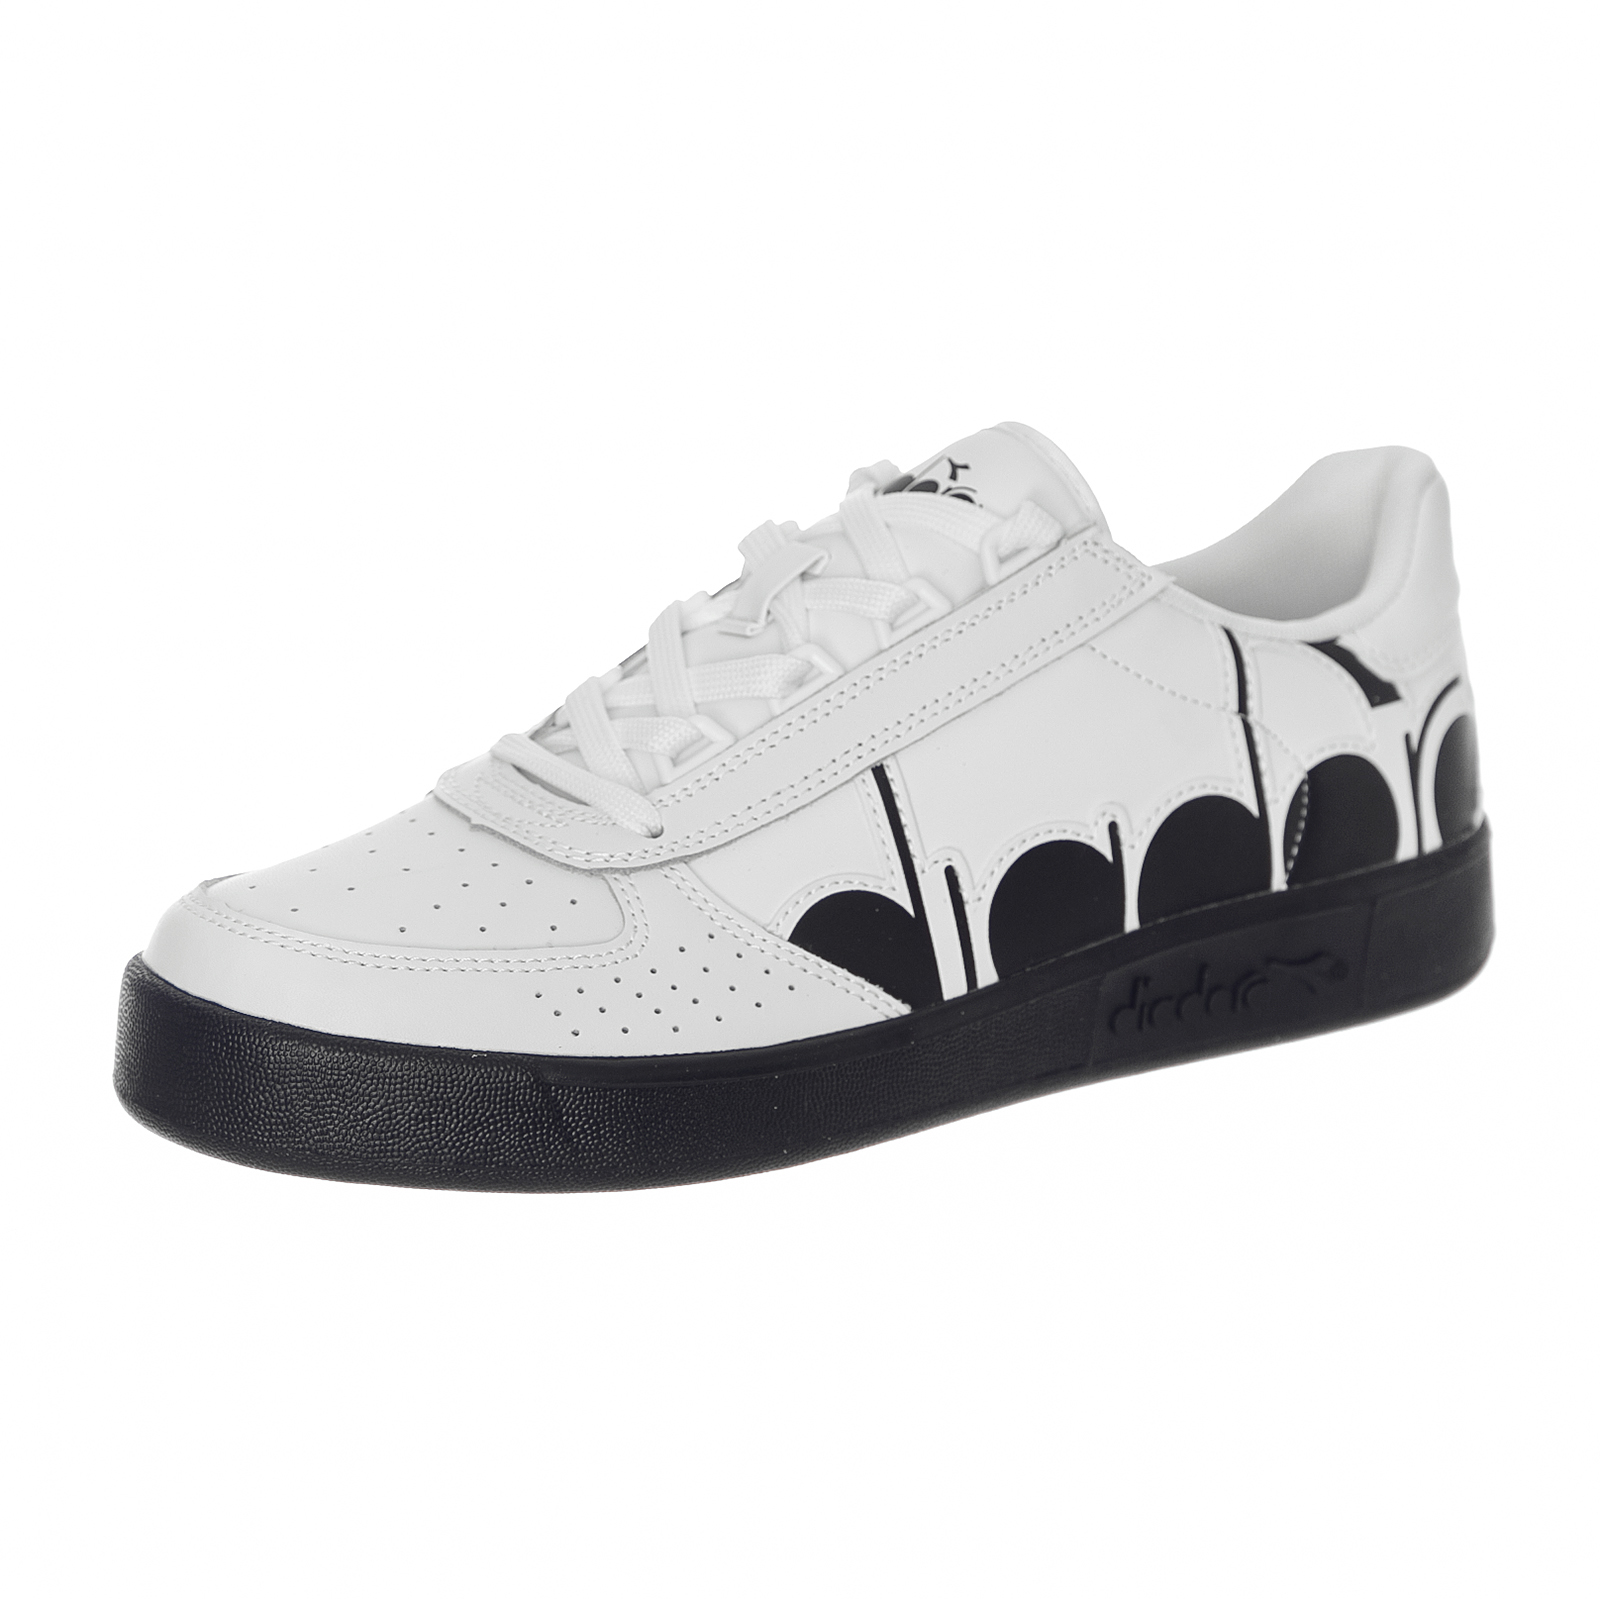 Diadora Sneakers B.Elite Bolder White Bianco  f90d4a0b944